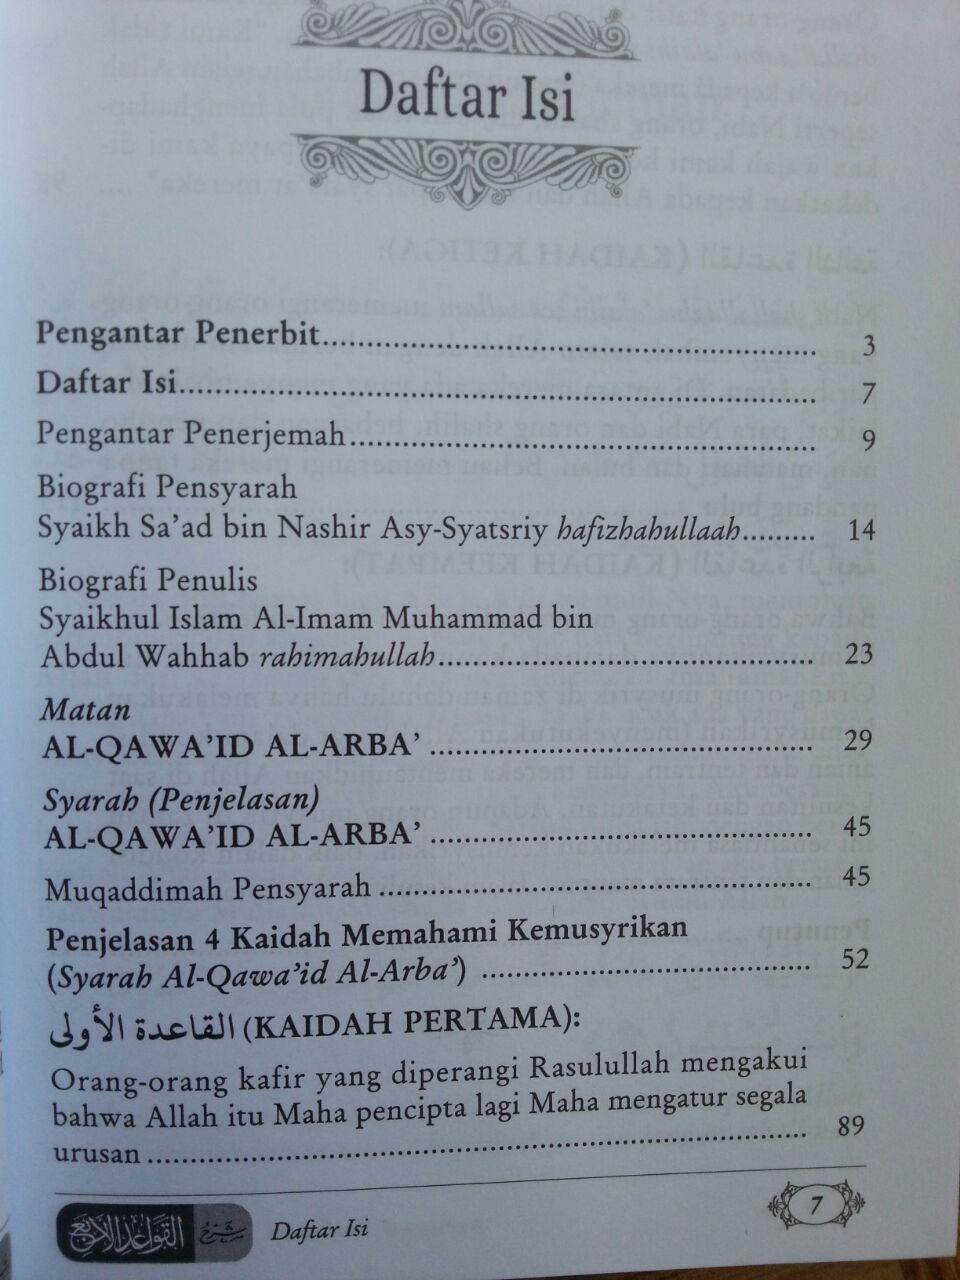 Buku Syarah al-Qawa'id al-Arba' 4 Kaidah Memahami Kemusyrikan isi